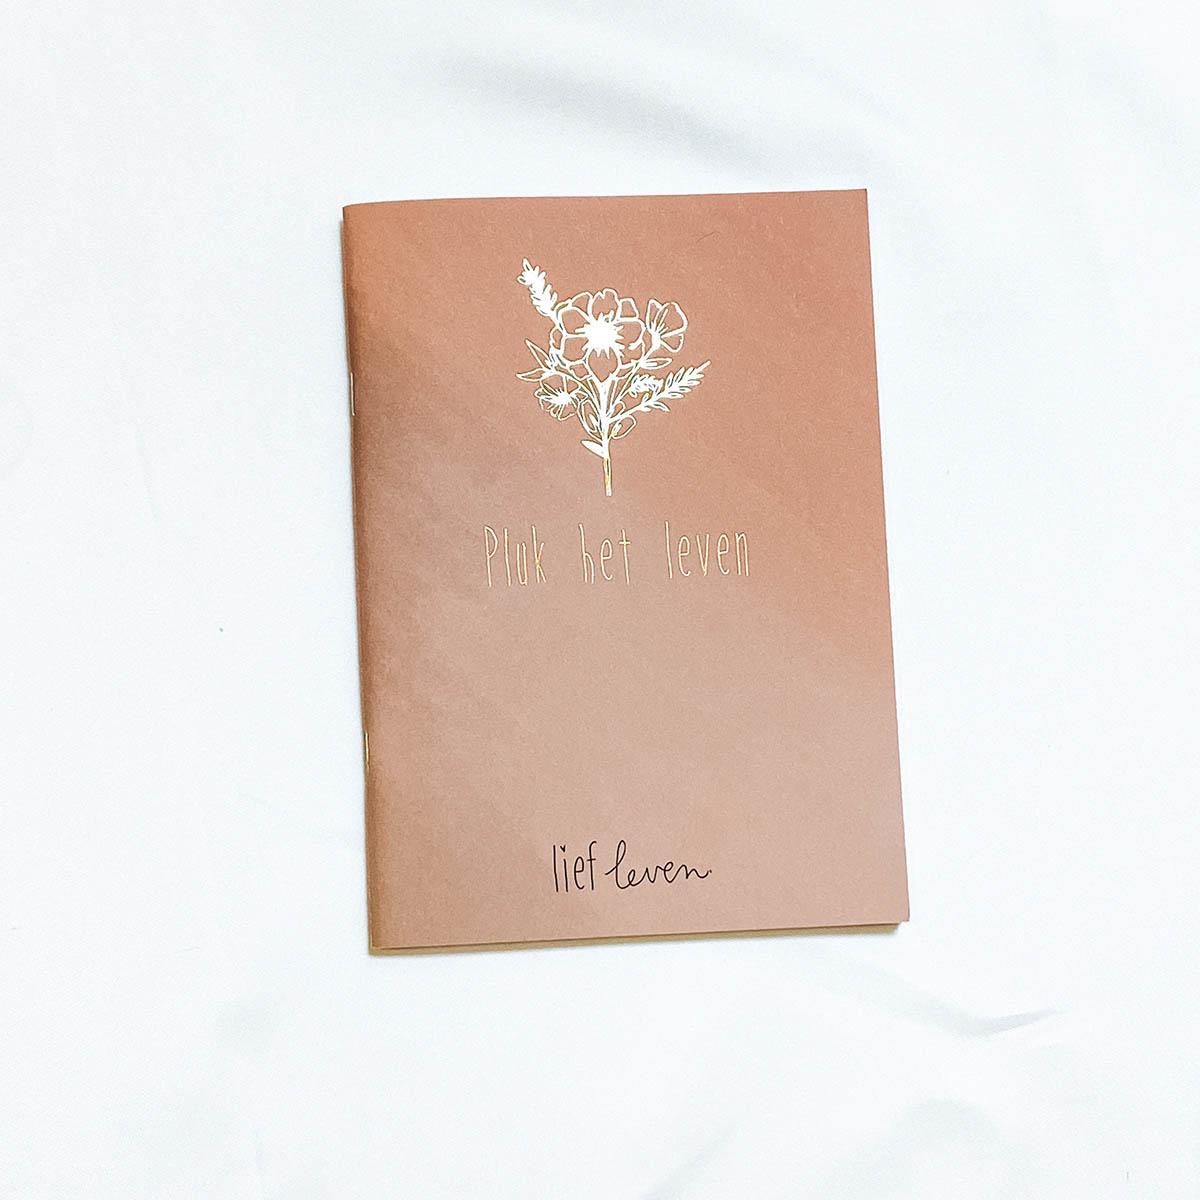 Schrift • Pluk het leven